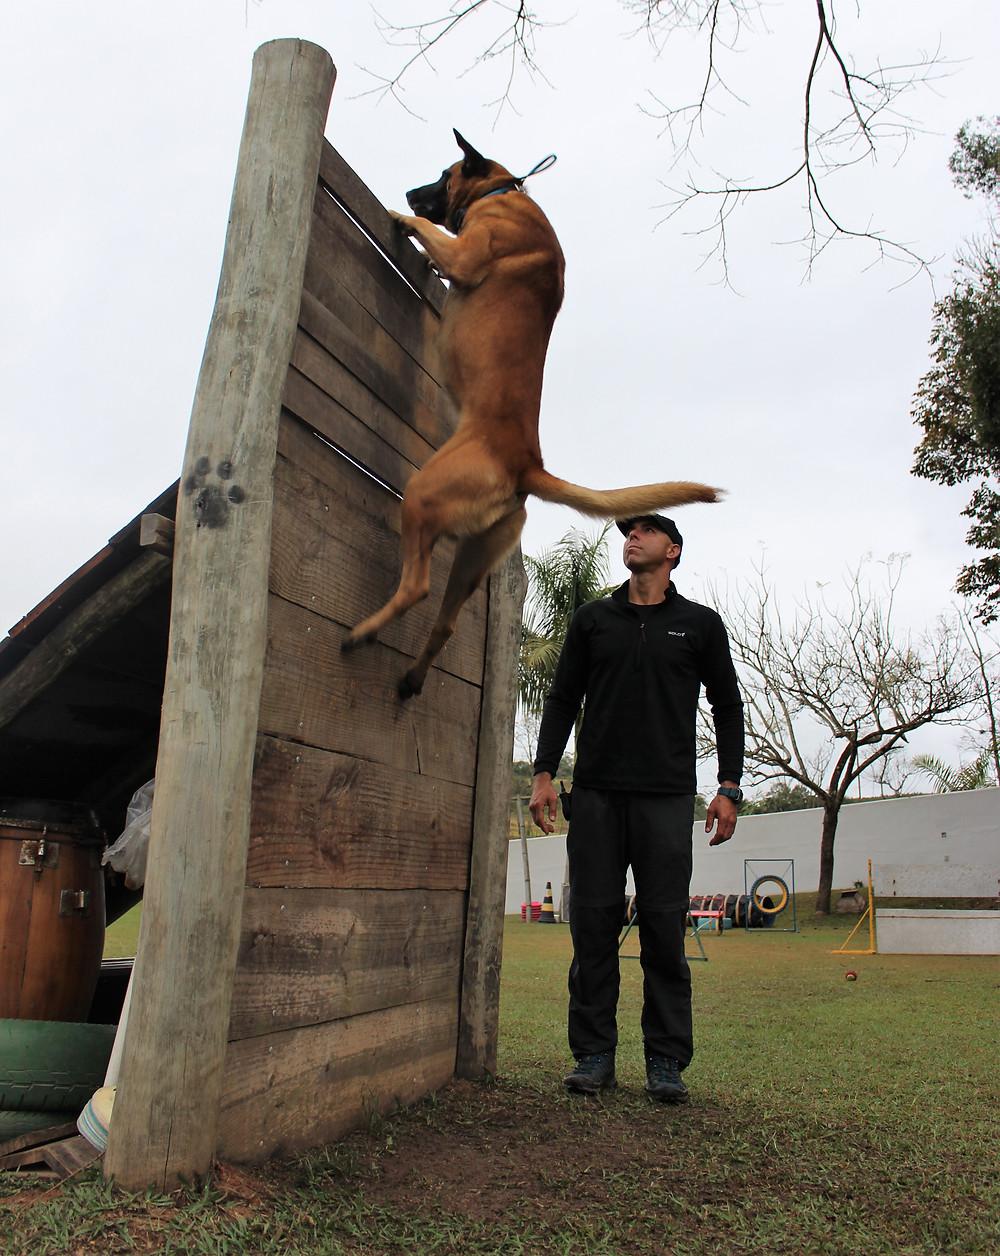 Marcel Piacentini Abrantes , chegou no nível mais Avançado no esporte com o Cão da Foto Rock